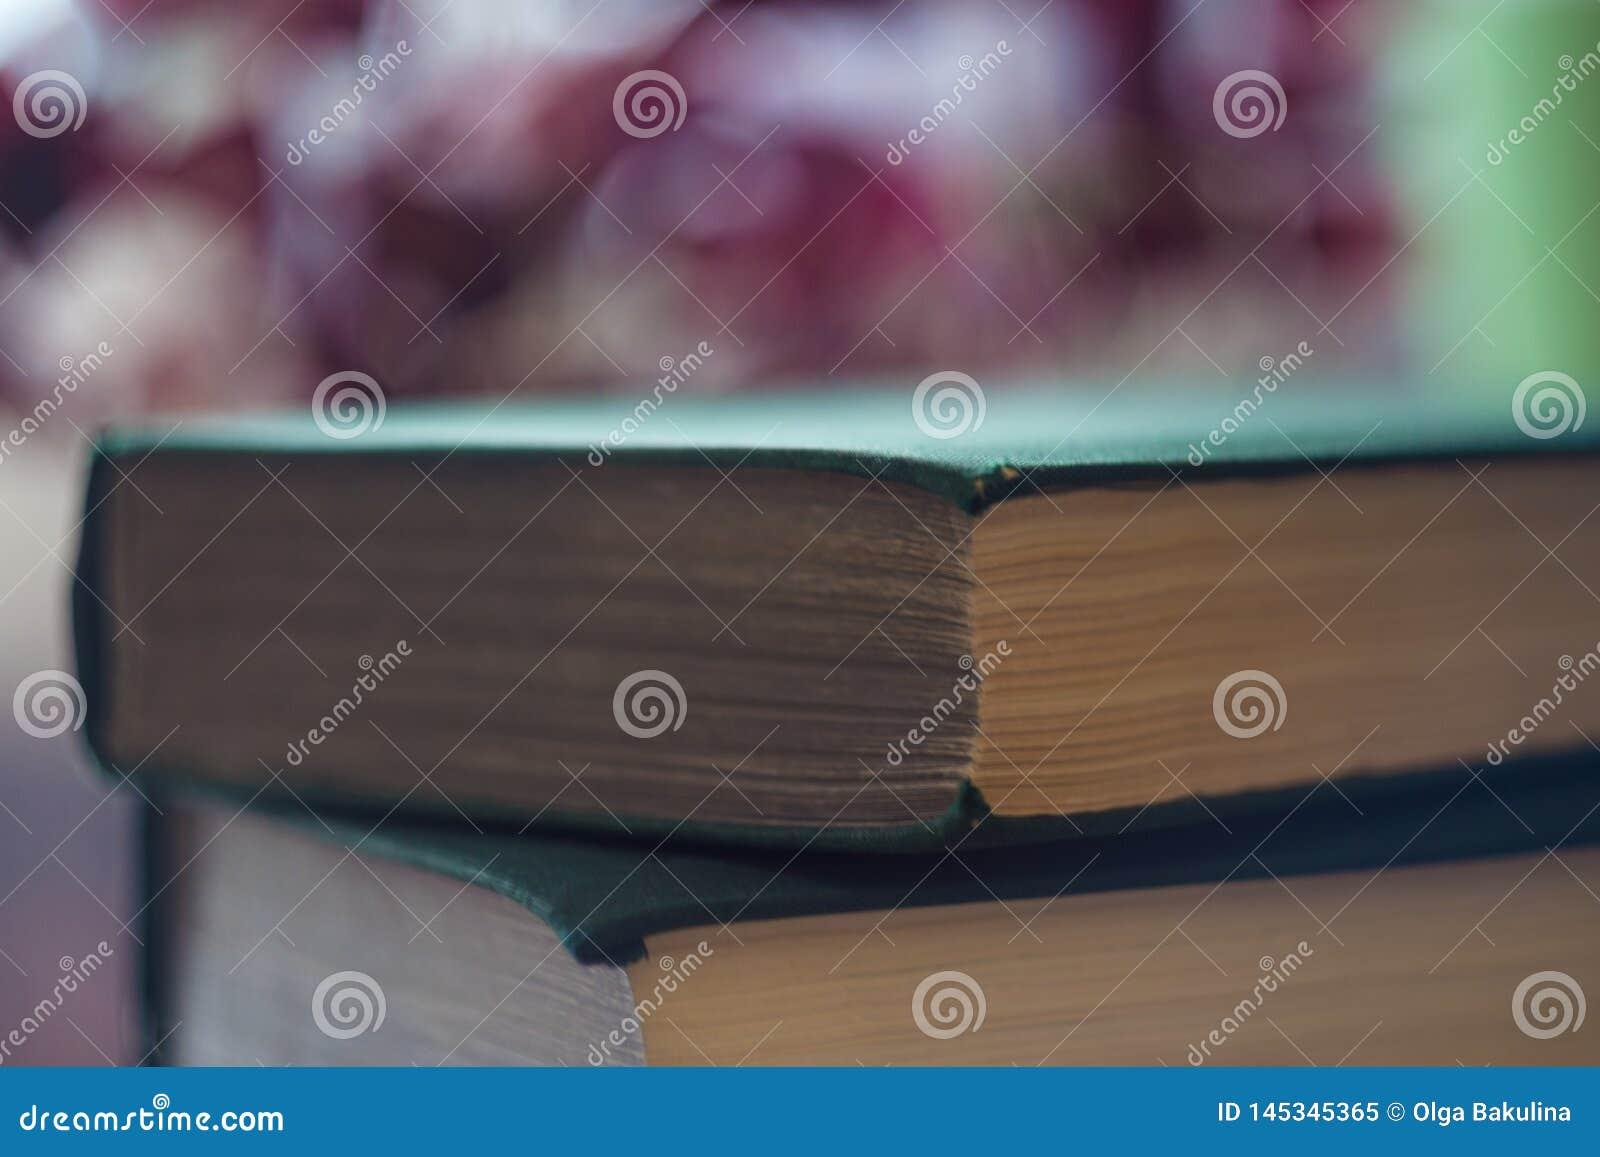 Pilha de livros verdes O conceito da leitura Close-up dos toms no fundo do inclina??o com reverbera??o Foco seletivo